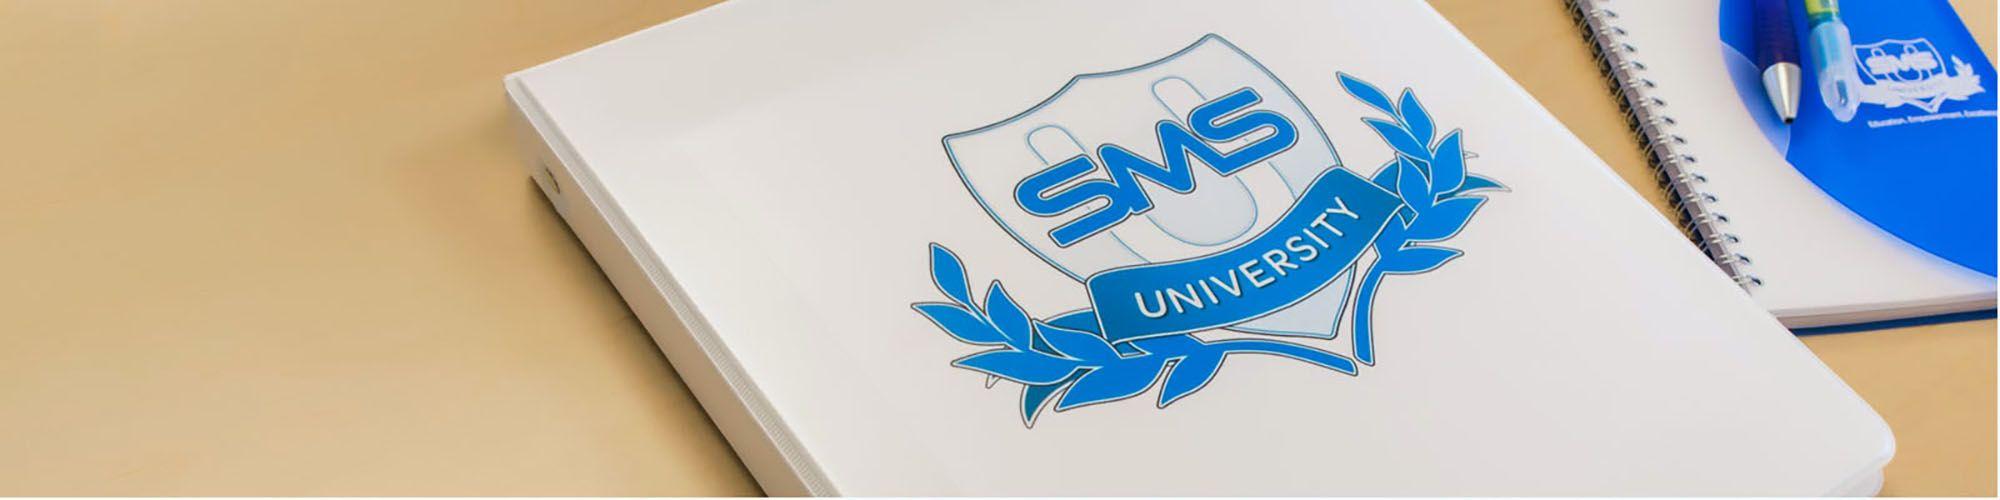 SMS University